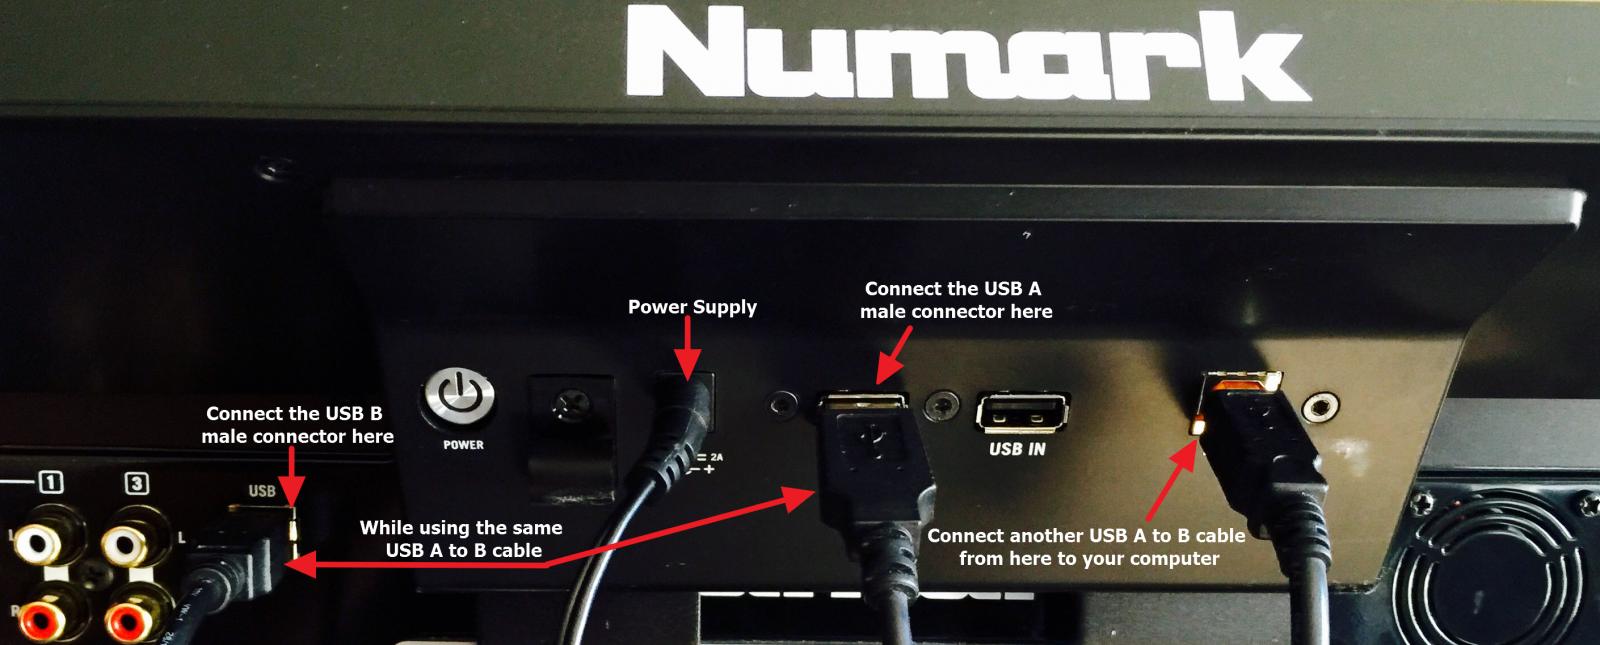 Numark NS7III display